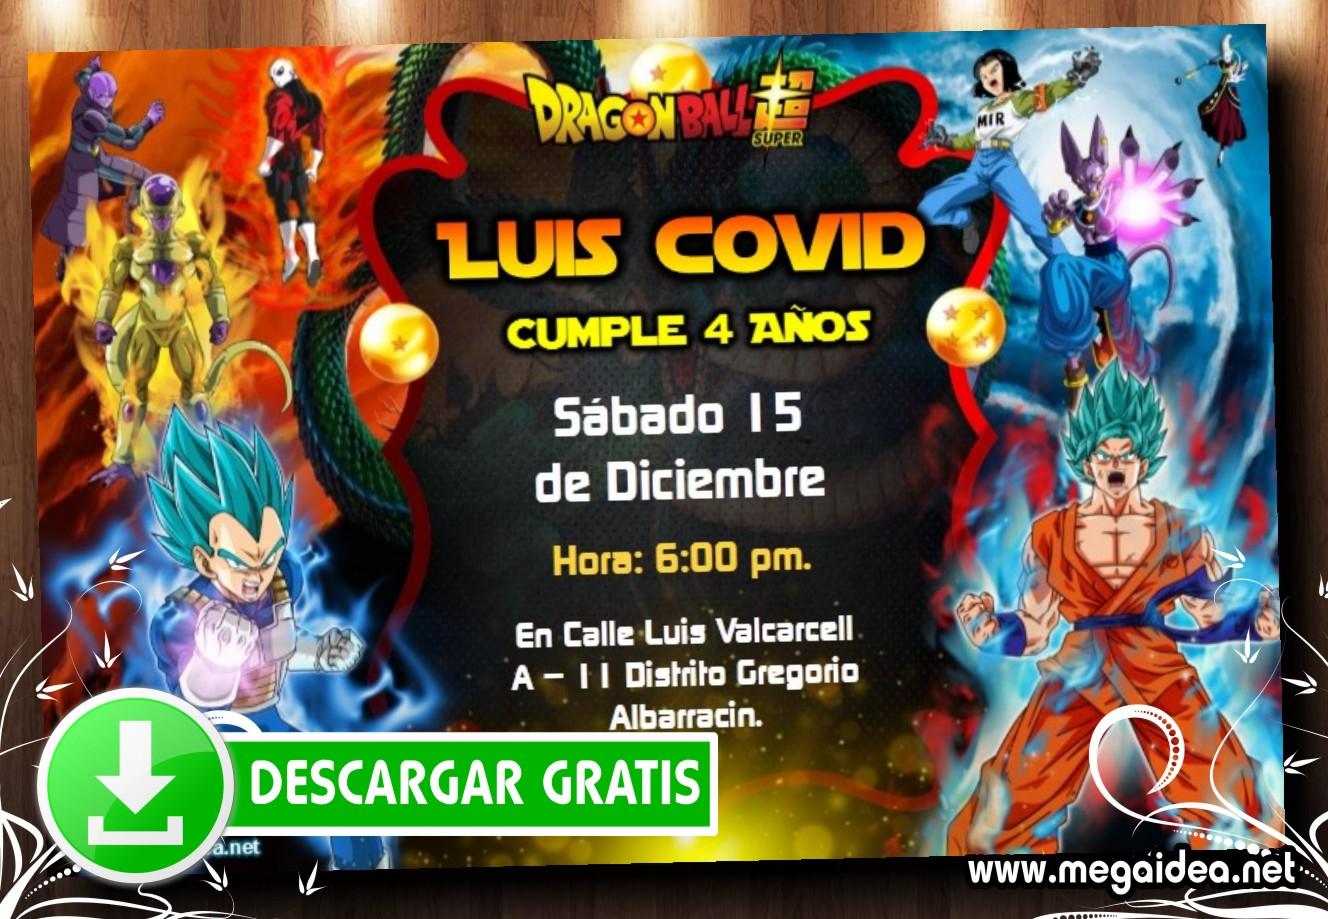 Dragon Ball Super Invitacion